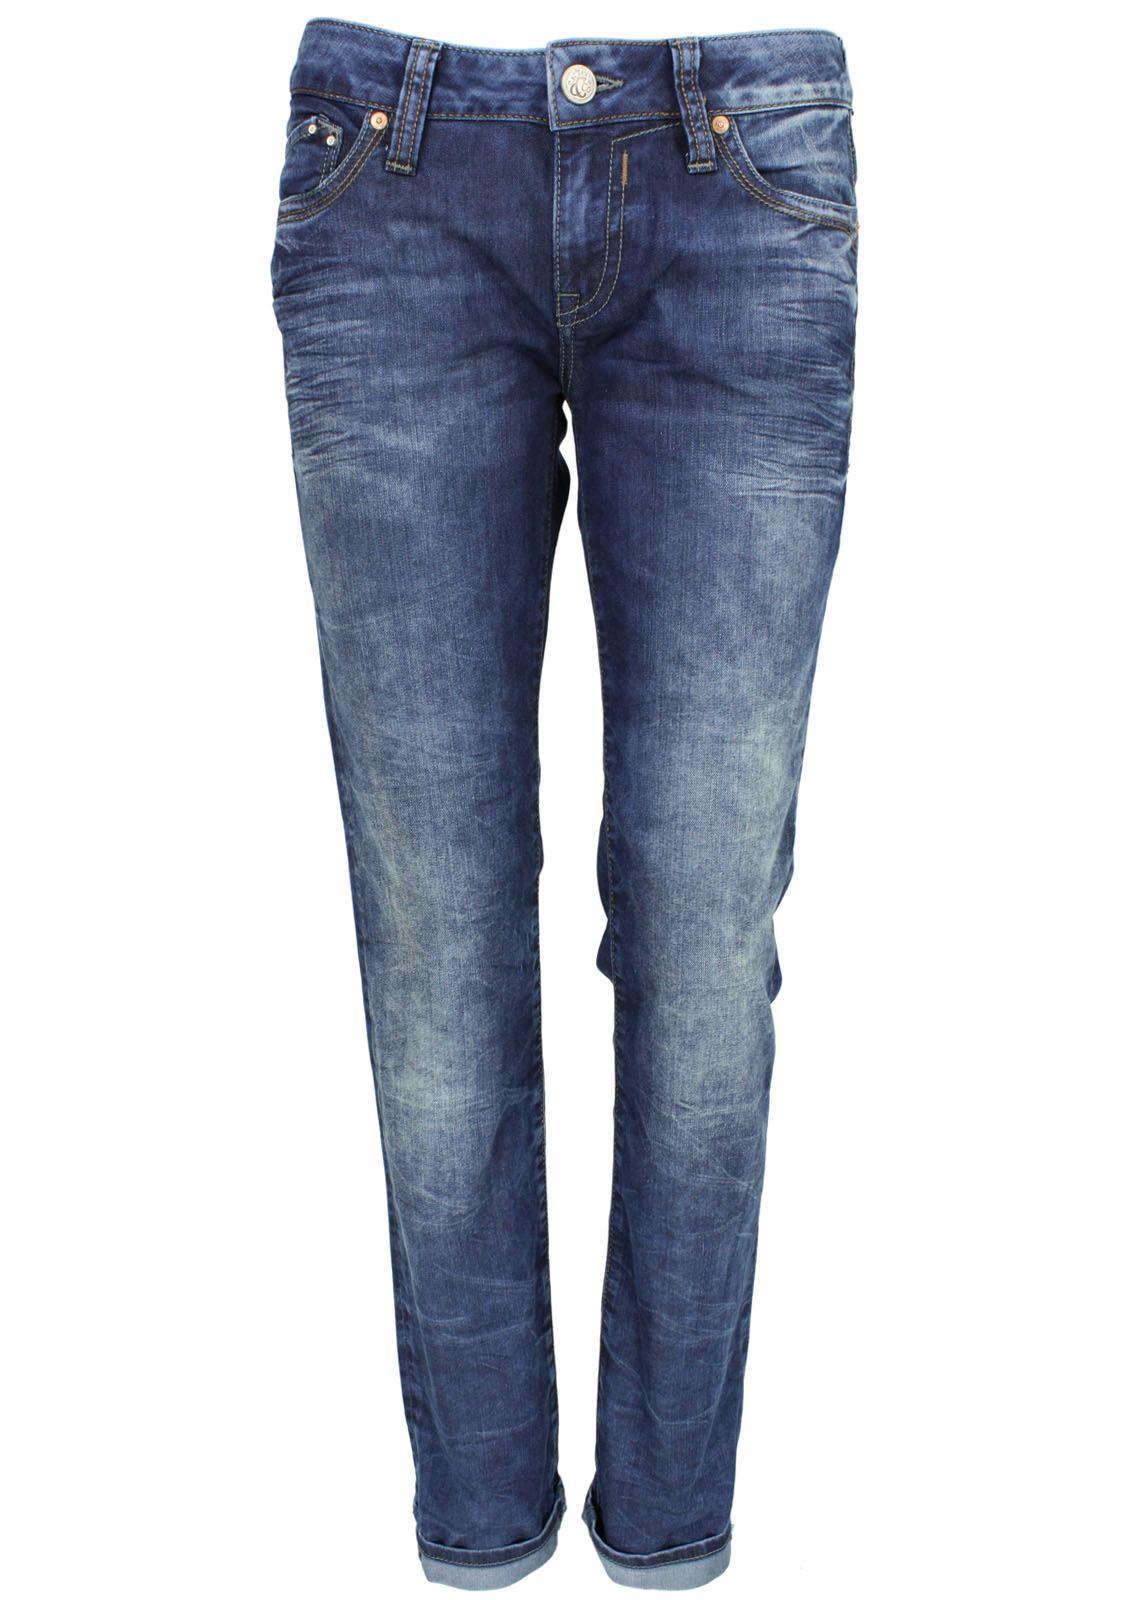 mavi jeans emma fettebeute online shop. Black Bedroom Furniture Sets. Home Design Ideas